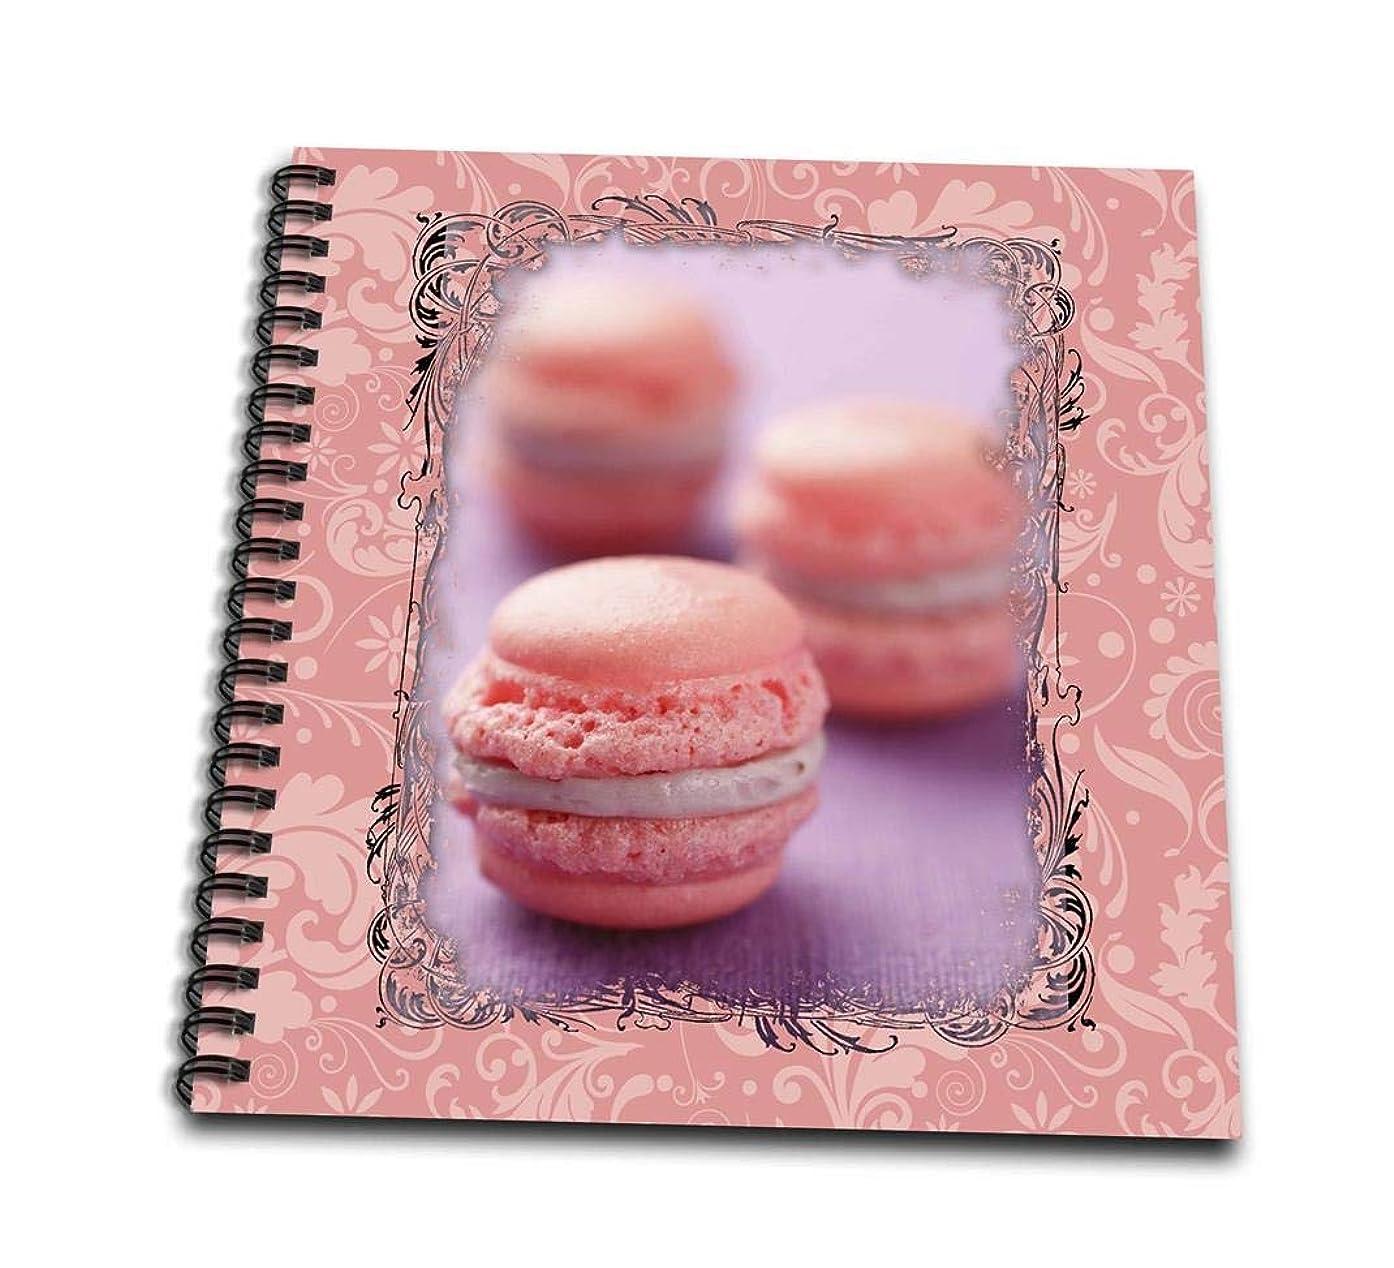 3dRose db_149992_1 Pink Macaroons Drawing Book, 8